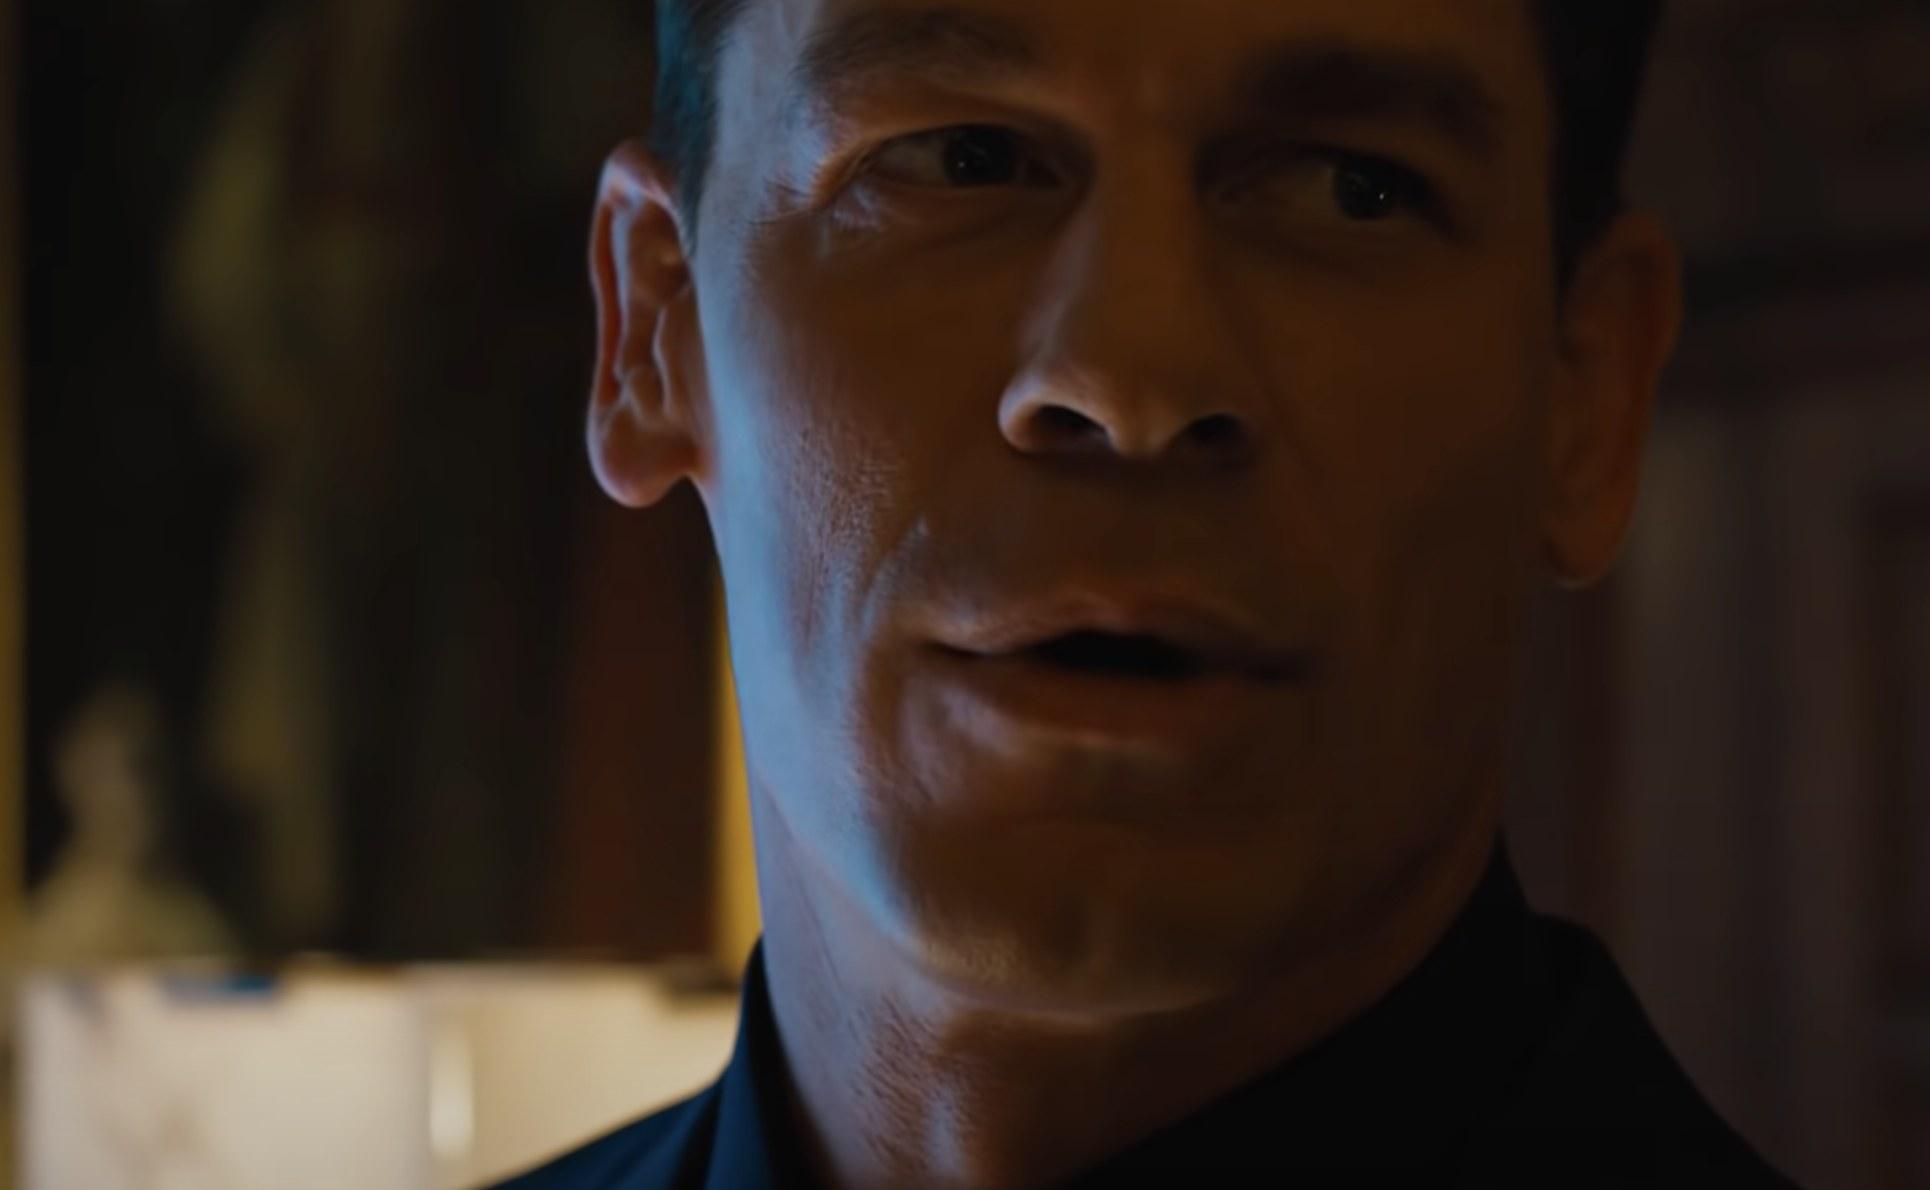 John Cena who plays Jakob looks at the camera